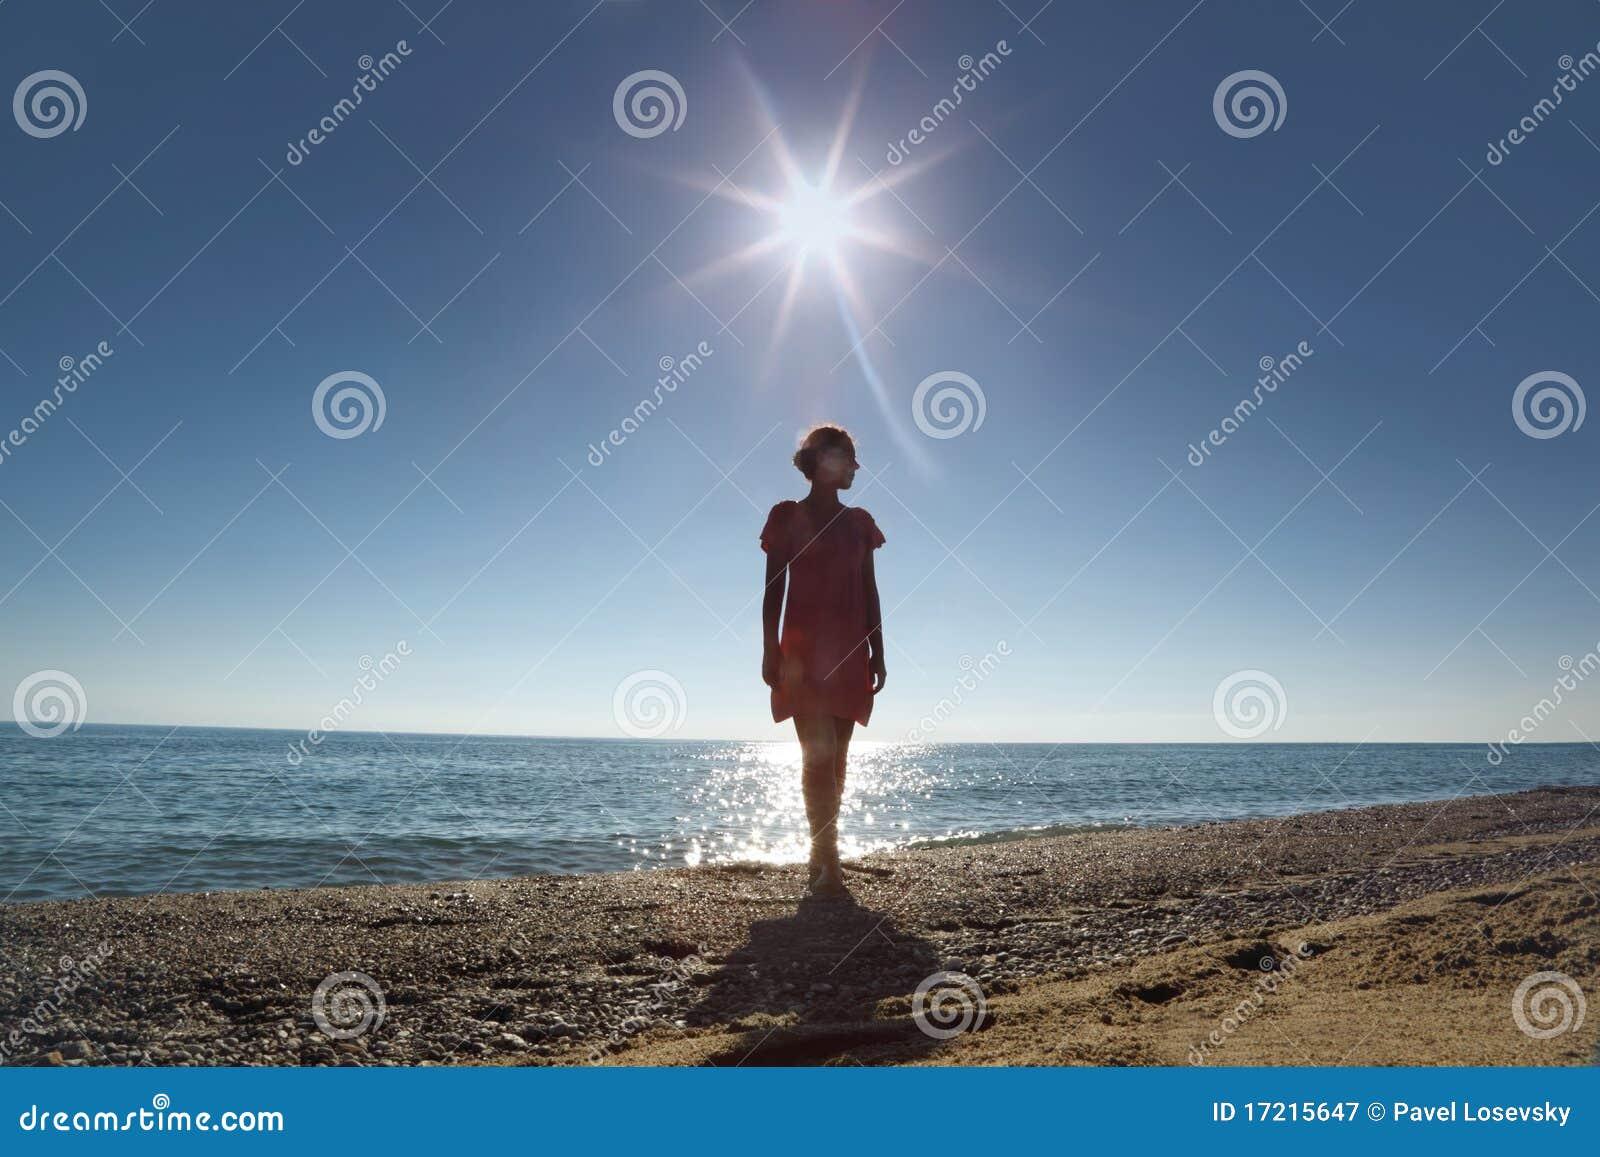 La donna si leva in piedi a secco di fronte al sole